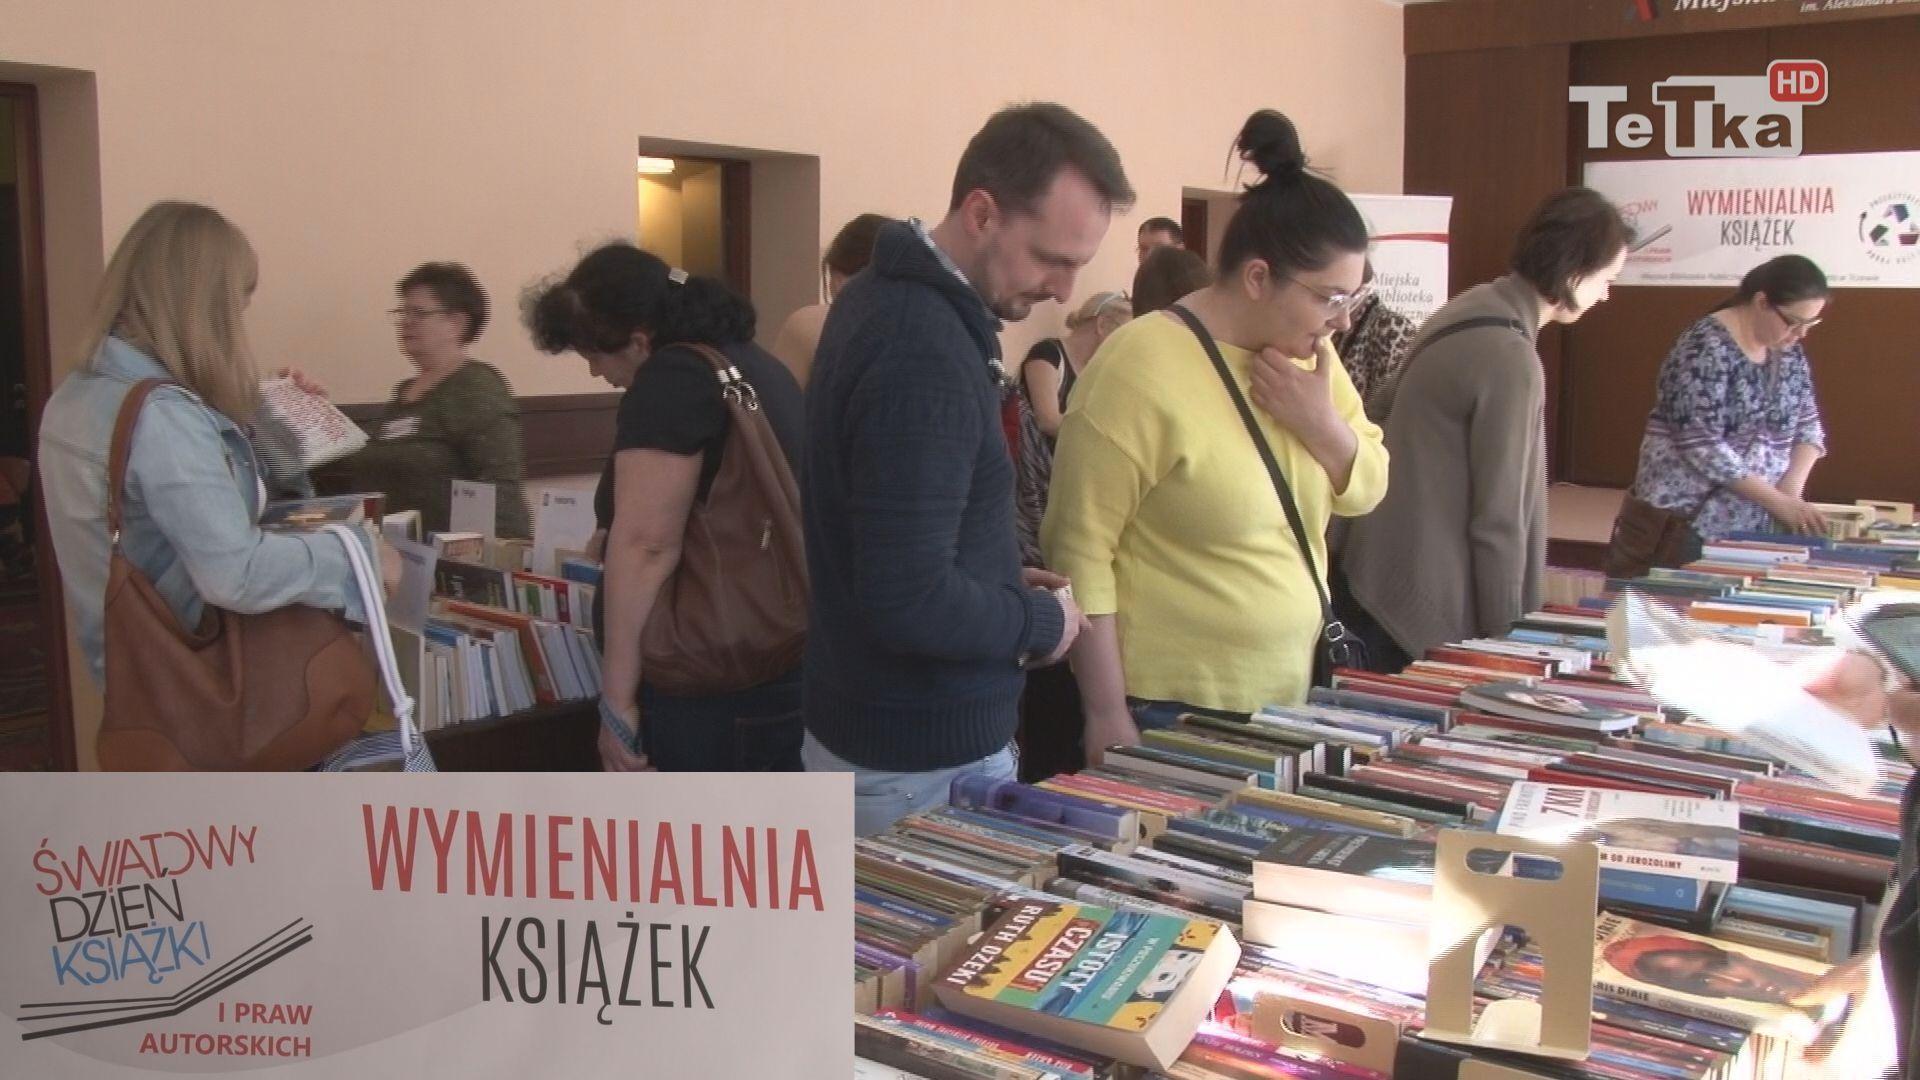 czytelnicy tczewskiej książnicy już po raz szósty mieli możliwość odświeżenia domowych kolekcji podczas Wymienialni książek